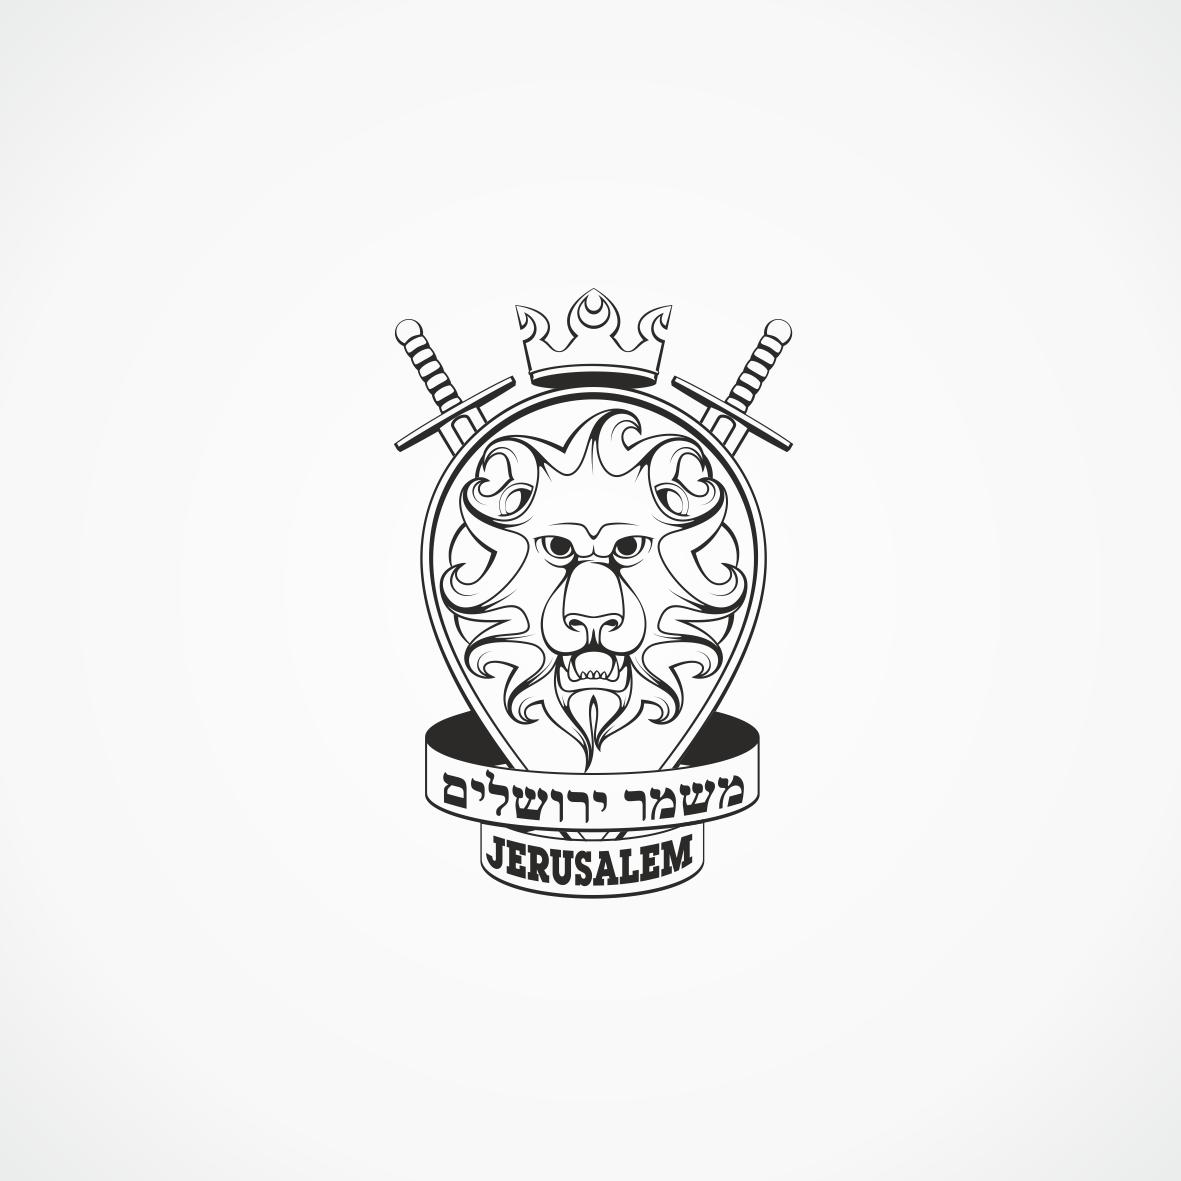 Разработка логотипа. Компания Страж Иерусалима фото f_51351fa2c628826d.png